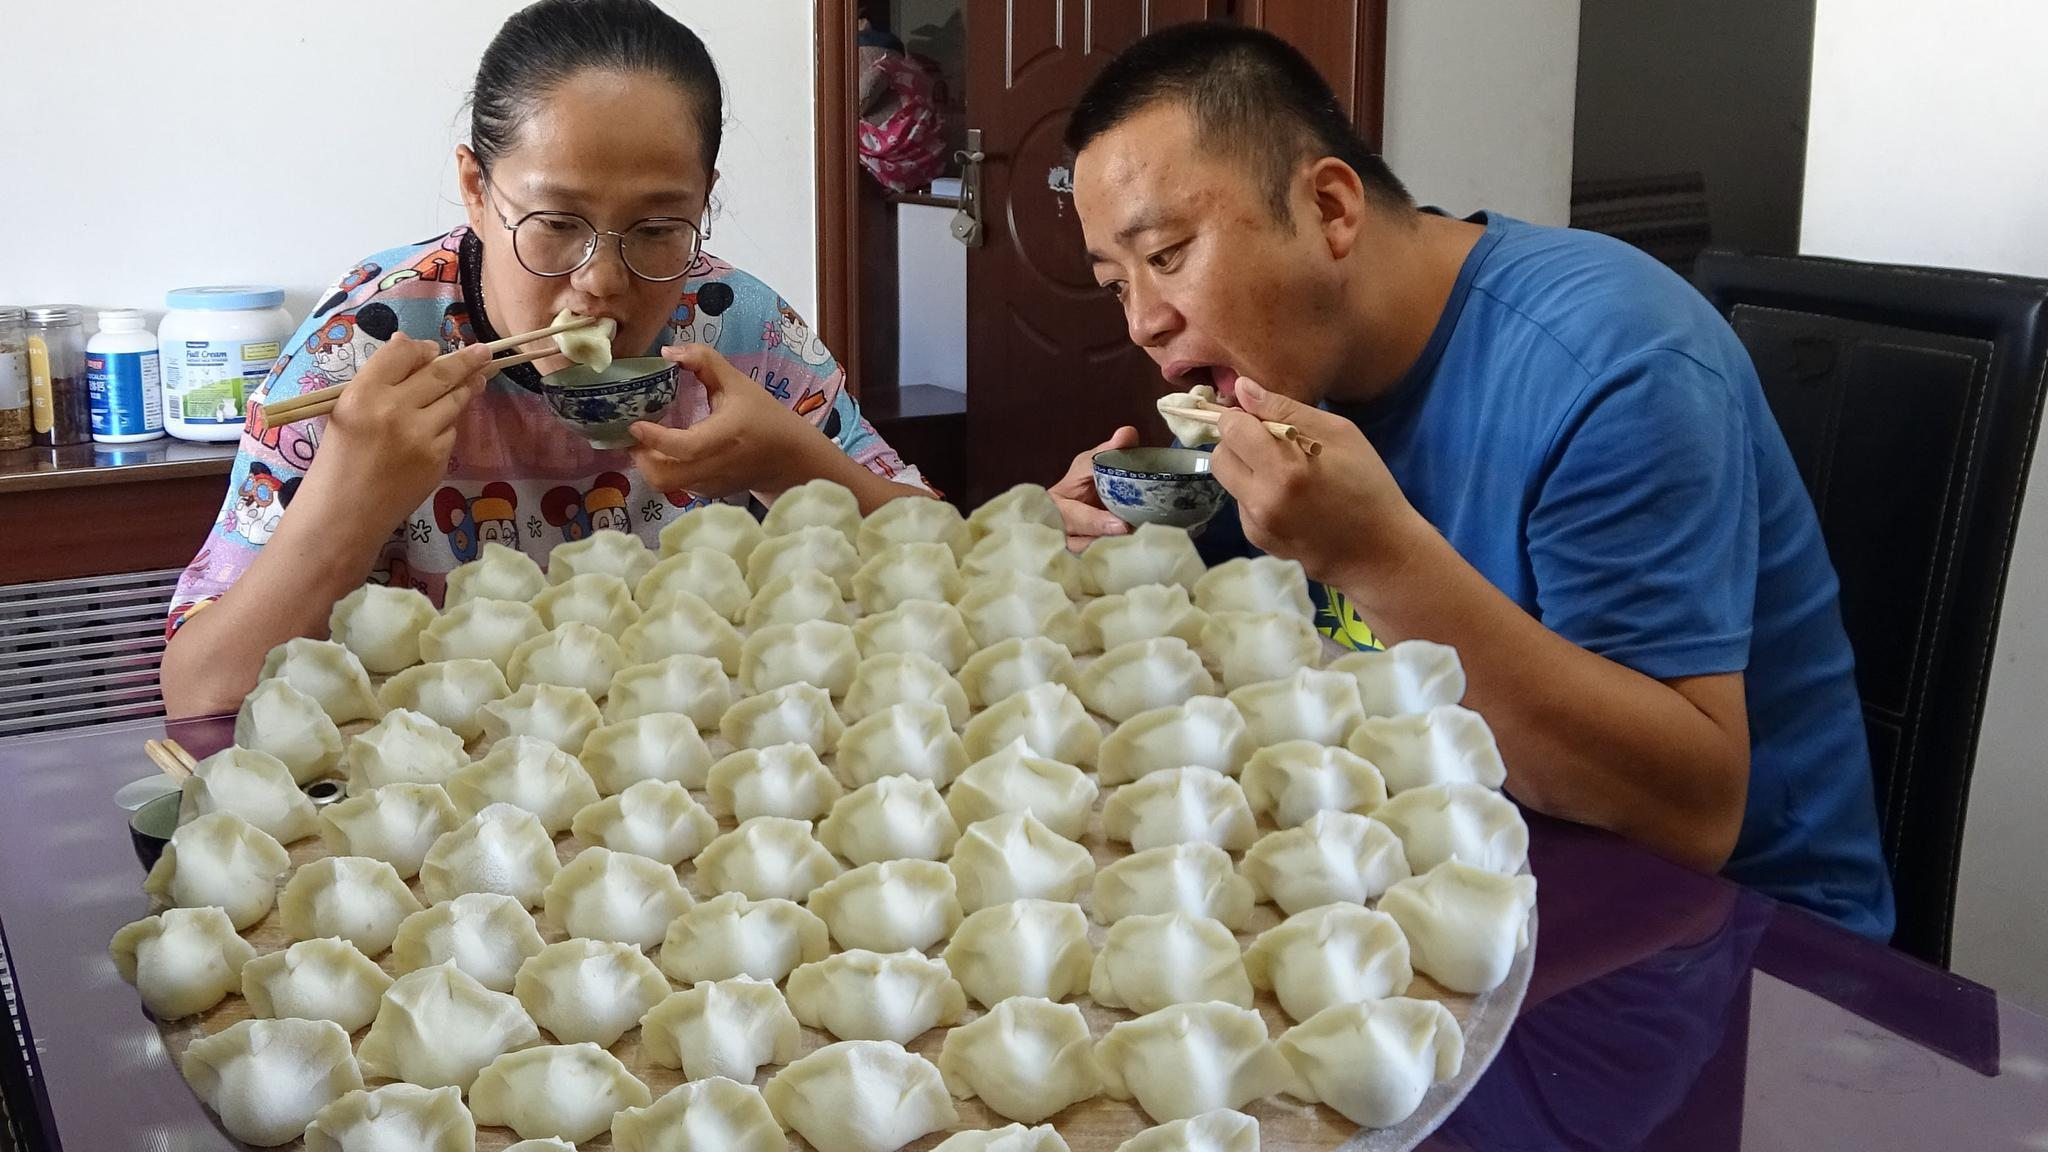 白萝卜包饺子,原来这么好吃,清热润肺增强免疫力,秋天吃最合适